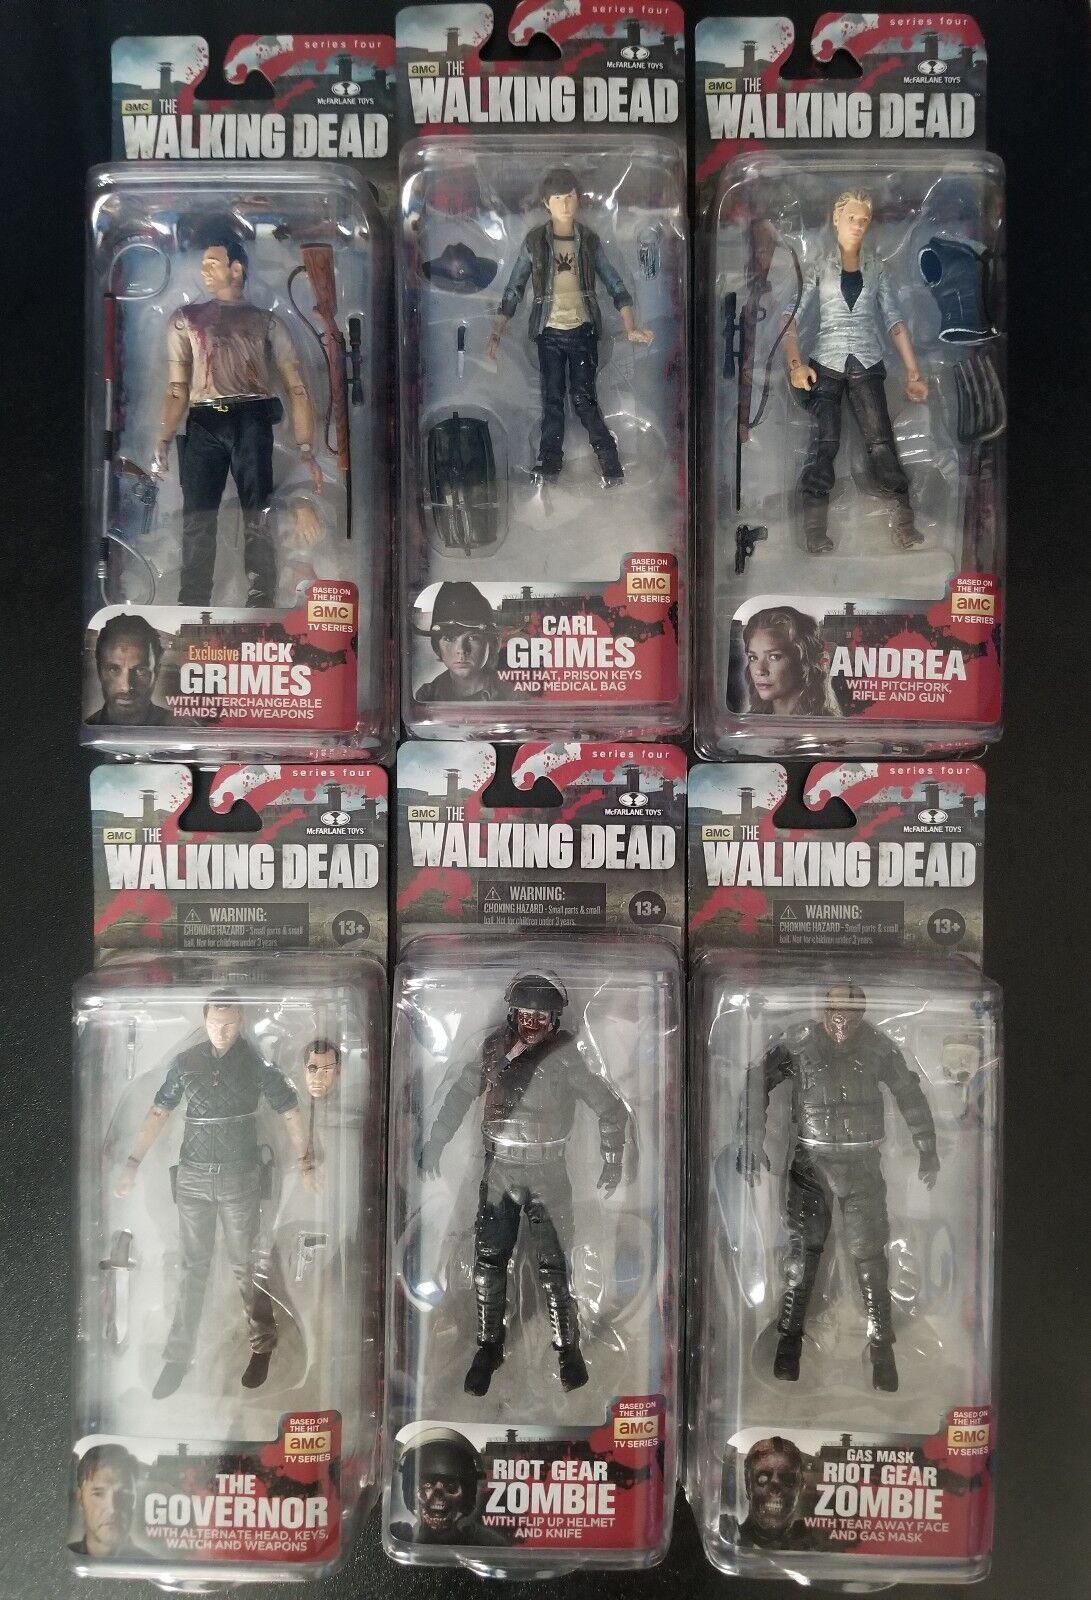 Juguetes Mcfarlane The Walking Dead Serie de Conjunto completo de 4 Figuras De Acción